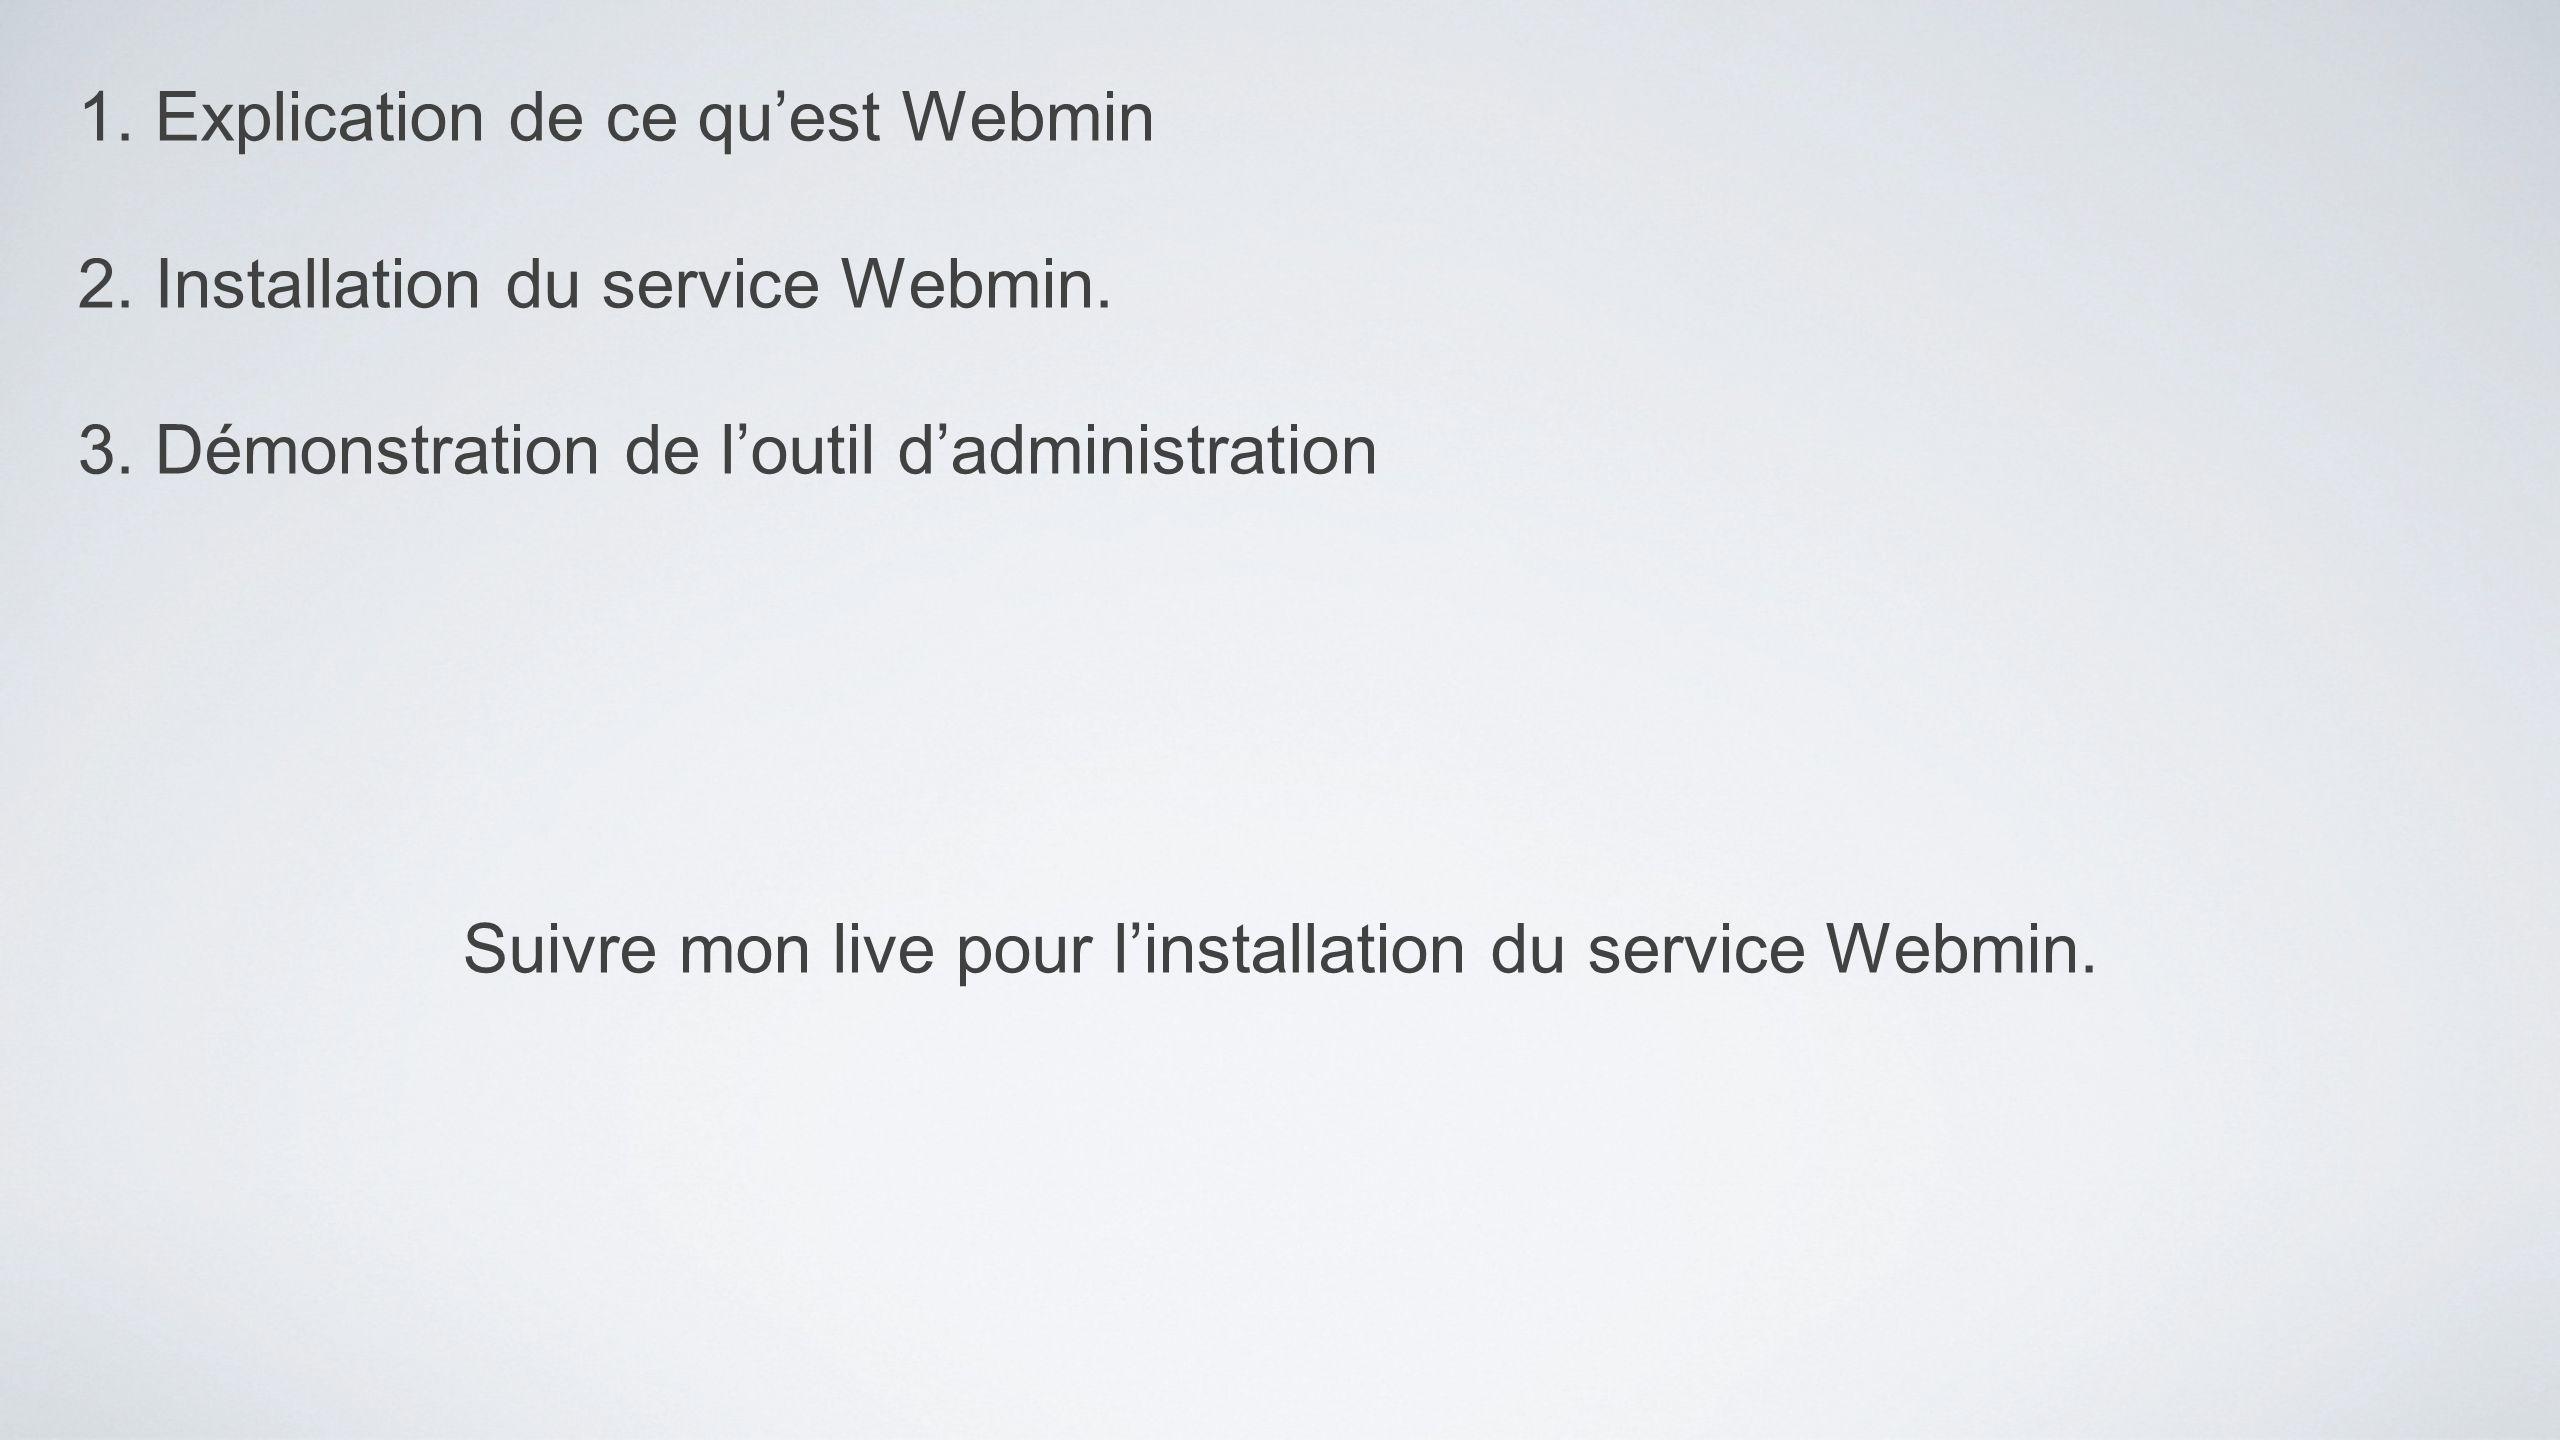 1. Explication de ce quest Webmin 2. Installation du service Webmin. 3. Démonstration de loutil dadministration Suivre mon live pour linstallation du